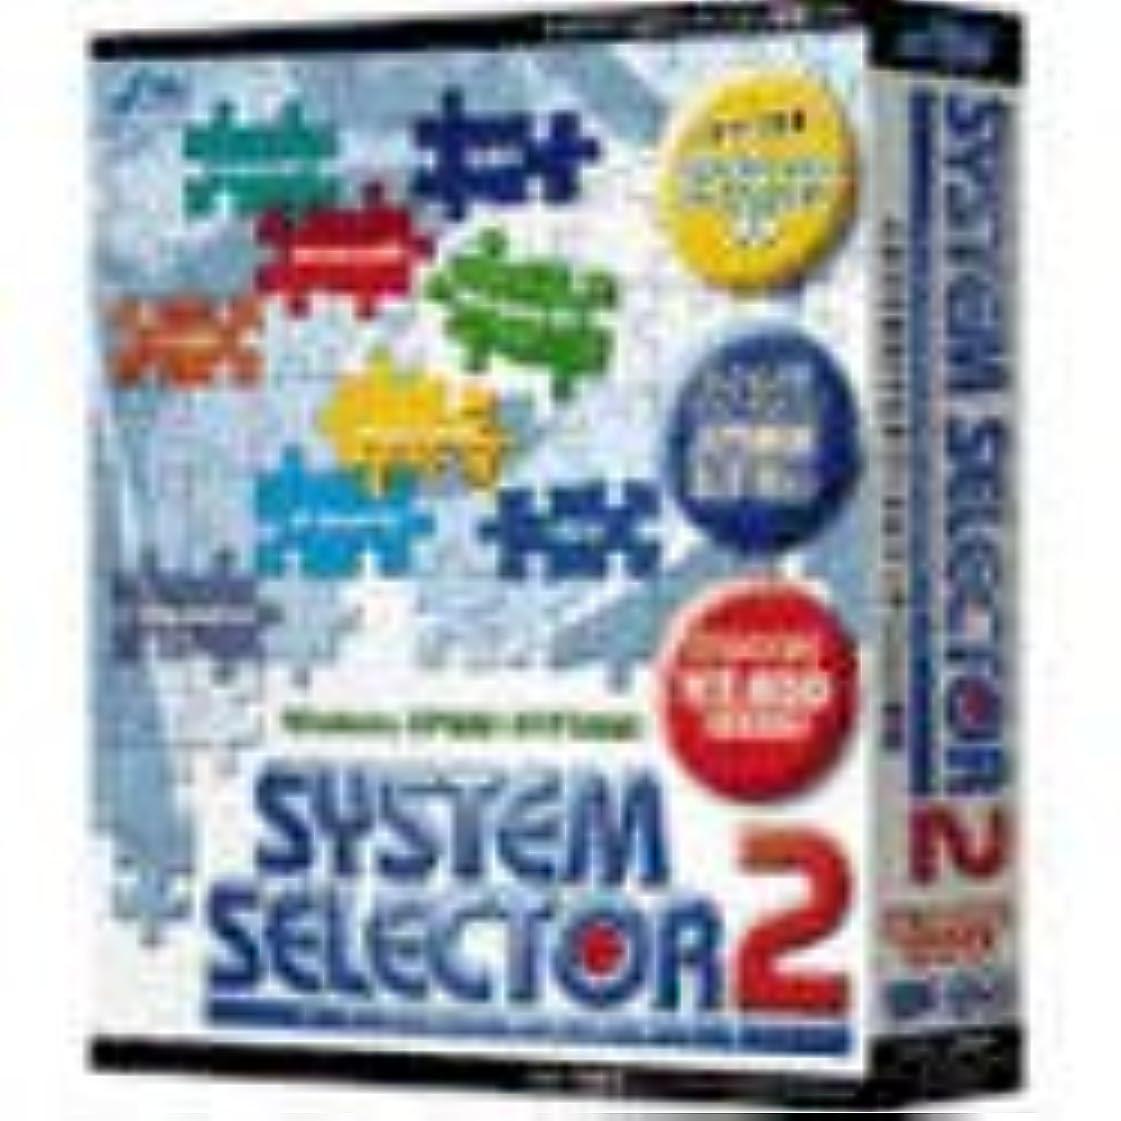 タイプライター結婚したインフレーションSystem Selector 2